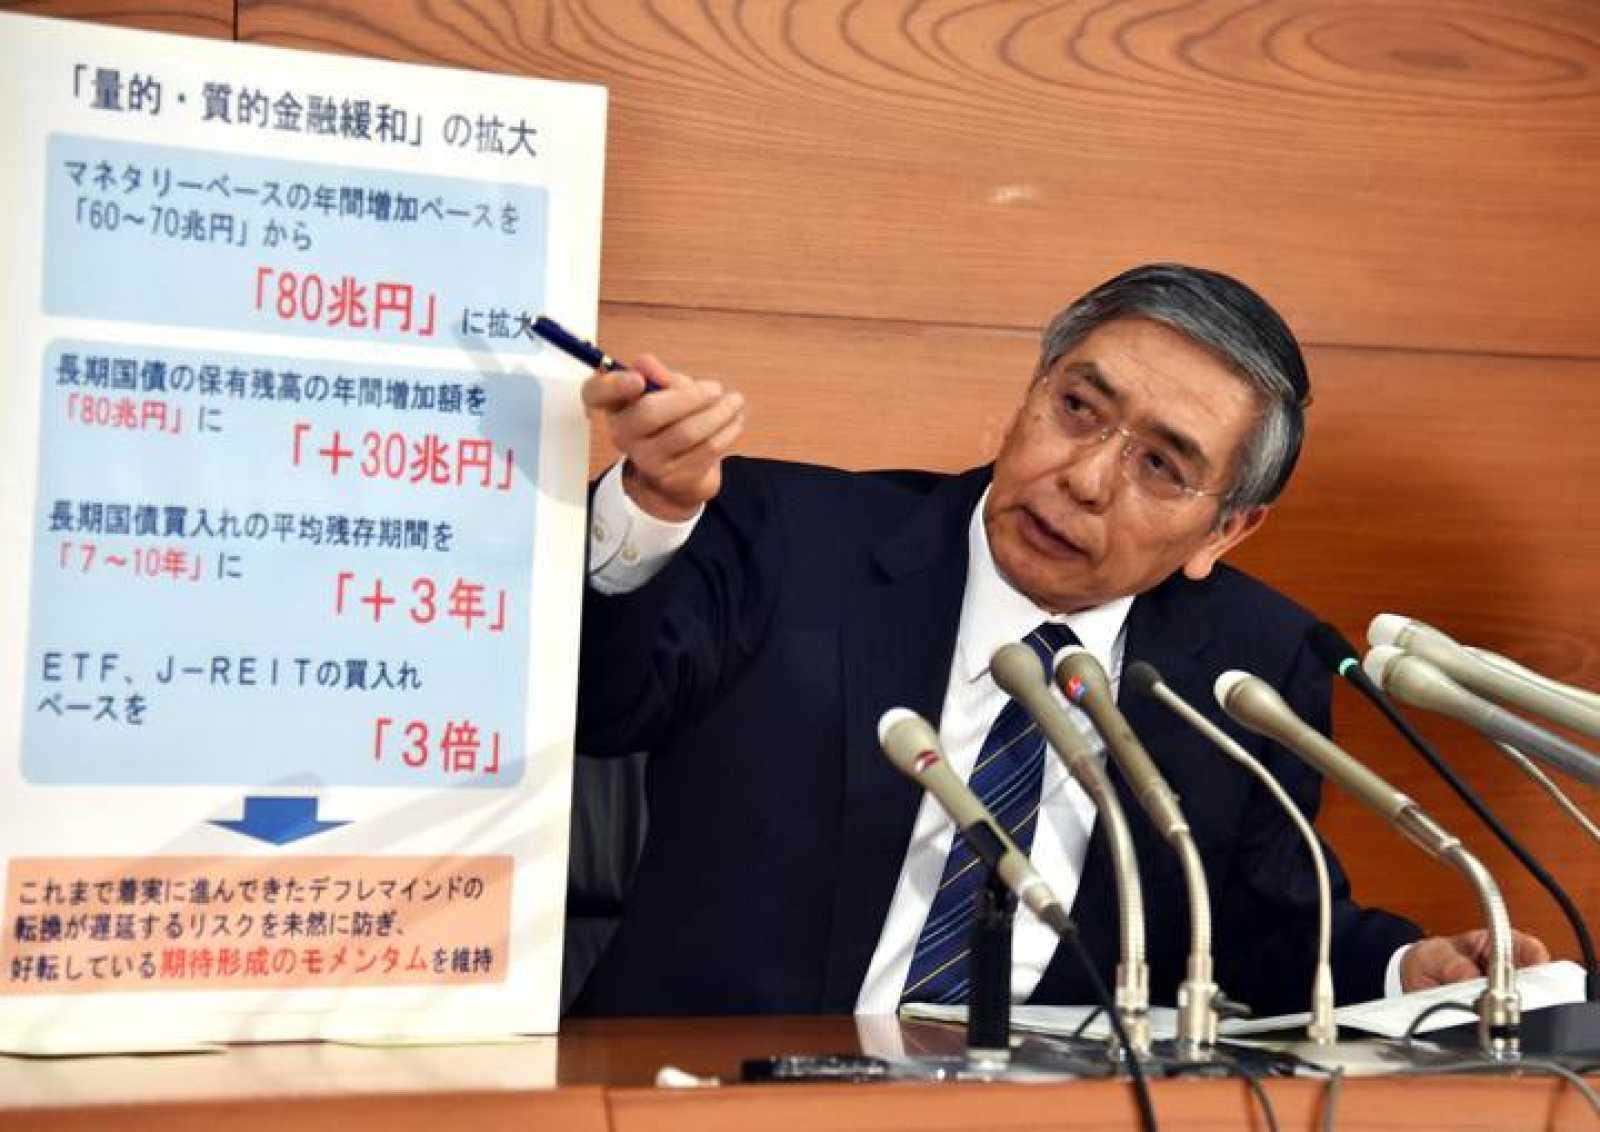 Haruhiko Kuroda, gobernador del Banco de Japón, explica la ampliación del plan de estímulo